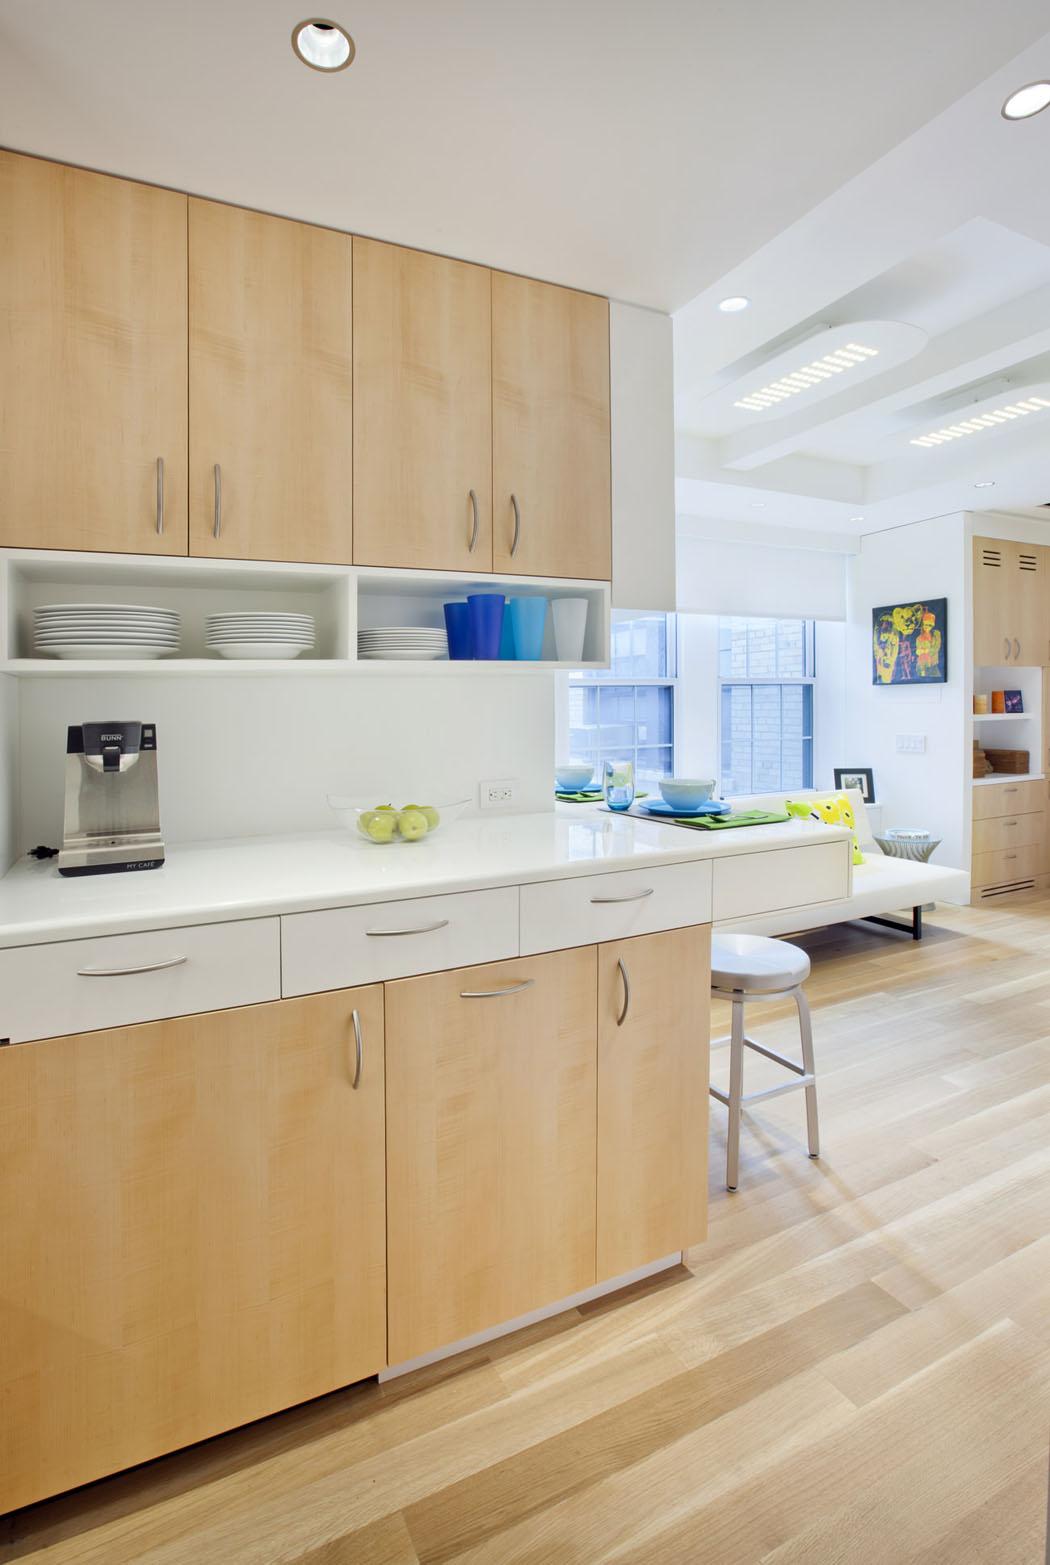 Joli petit appartement new york au design fonctionnel et - Petit appartement studio allen killcoyne ...